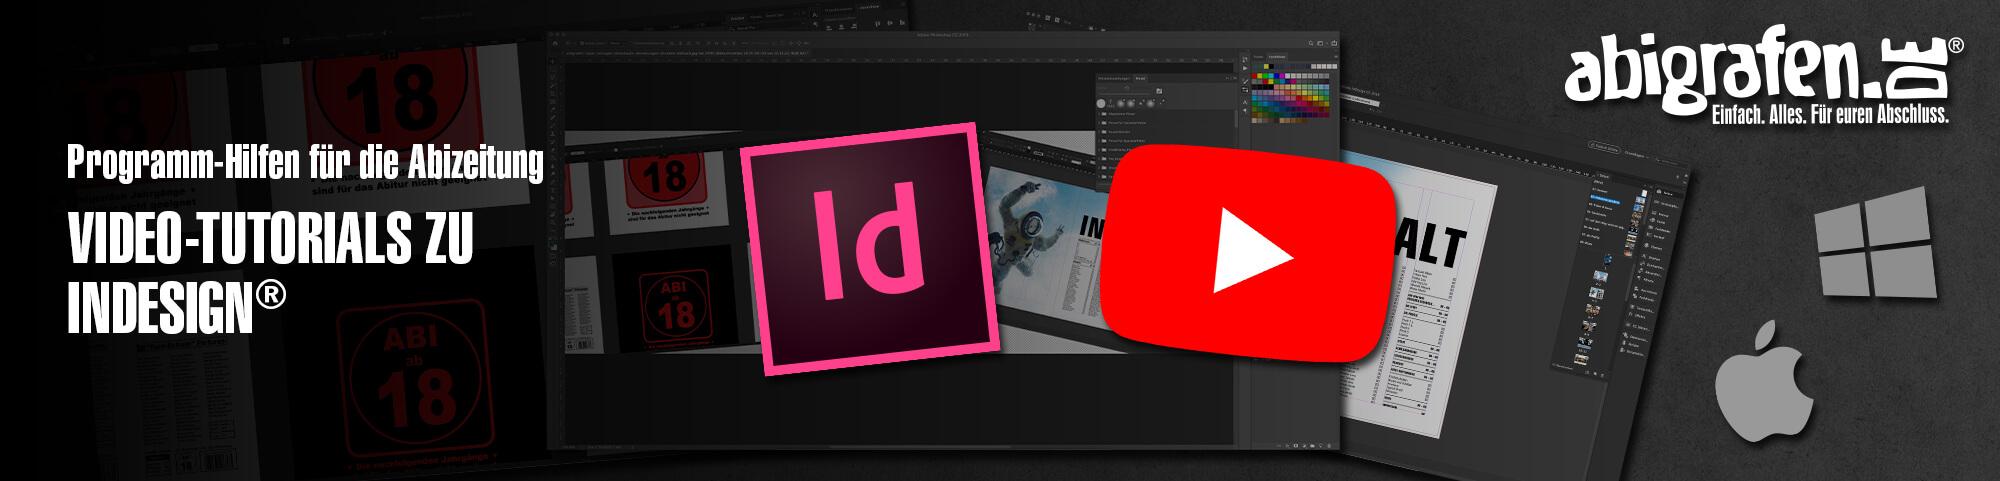 Programm-Hilfen für die Abizeitung: Video-Tutorials zu InDesign® zum eigenen gestalten einer Abizeitung / eines Abibuchs auf abigrafen.de®